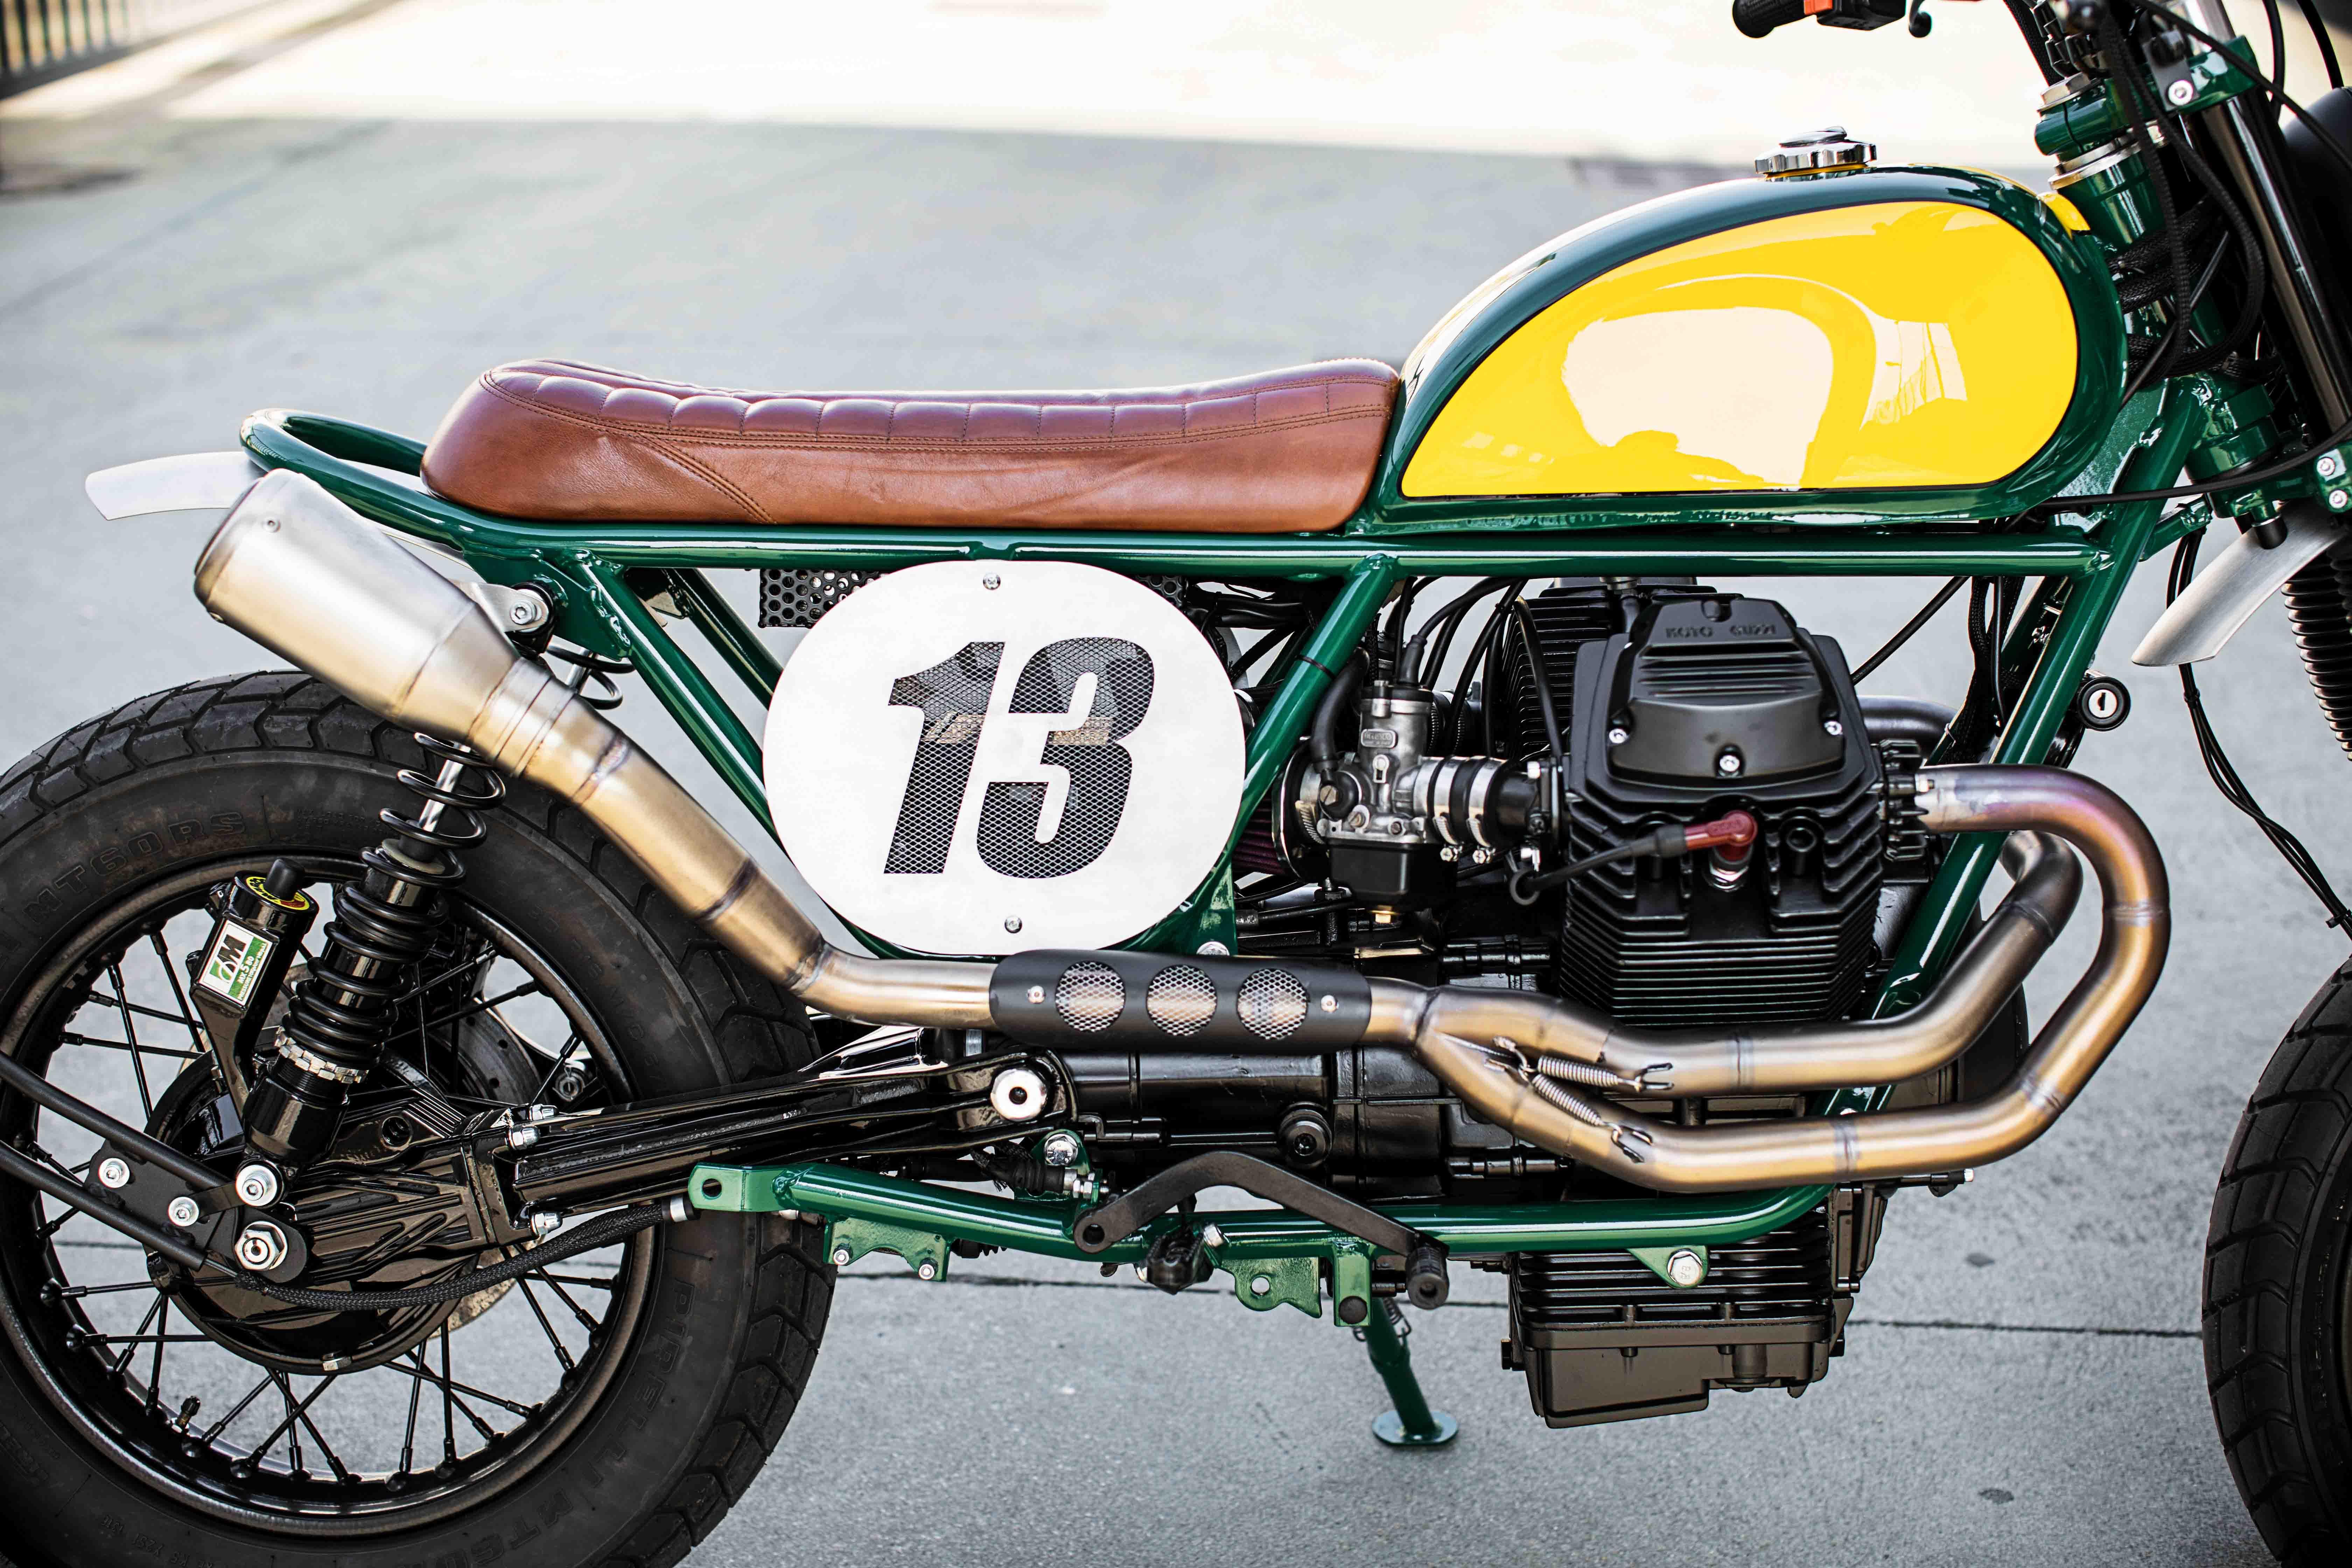 Bombay-13-Moto-Guzzi-Rust-and-Glory-14